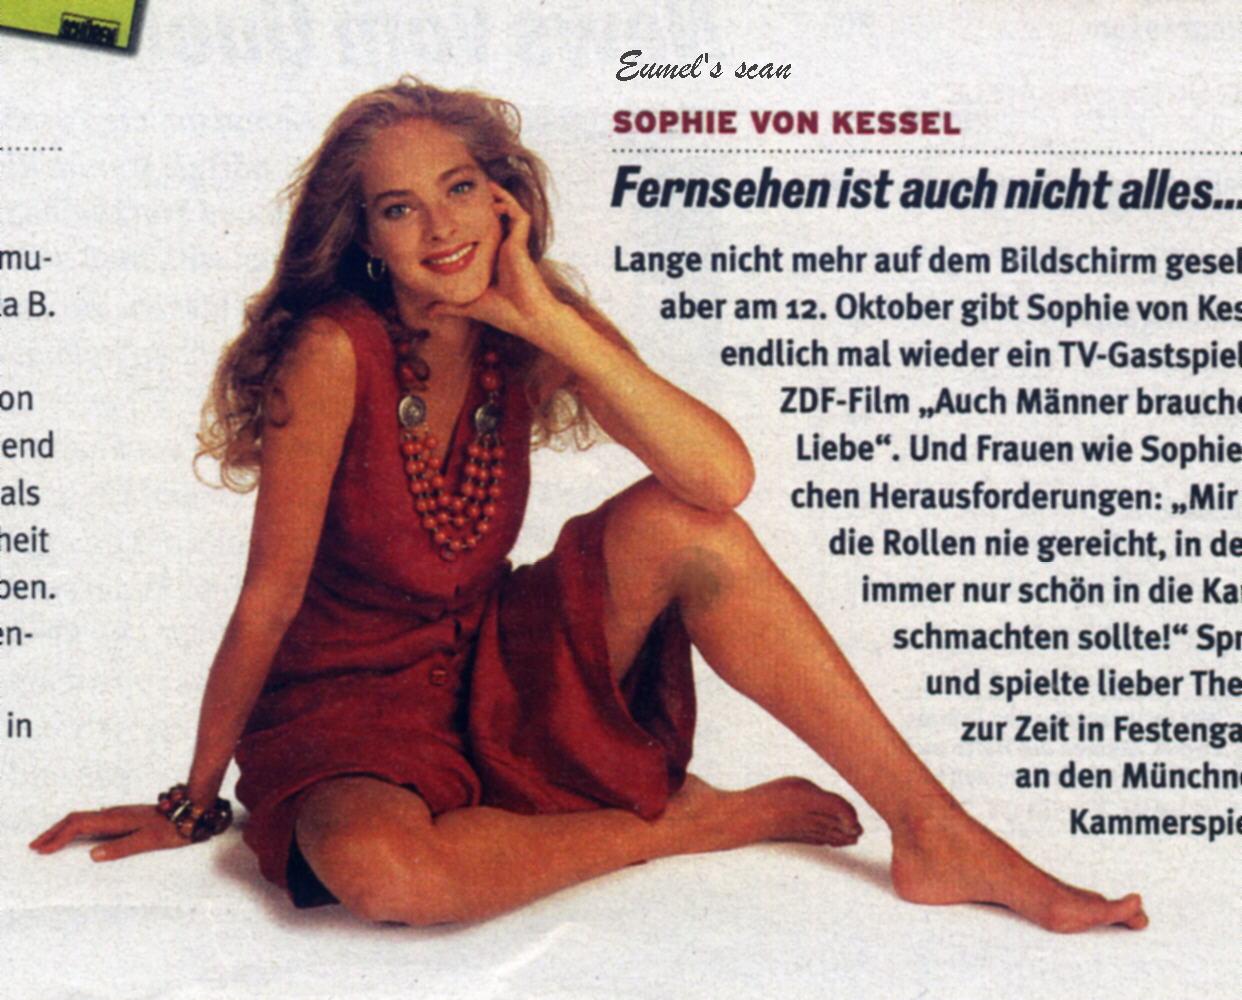 Sophie von Kessel Nude Photos